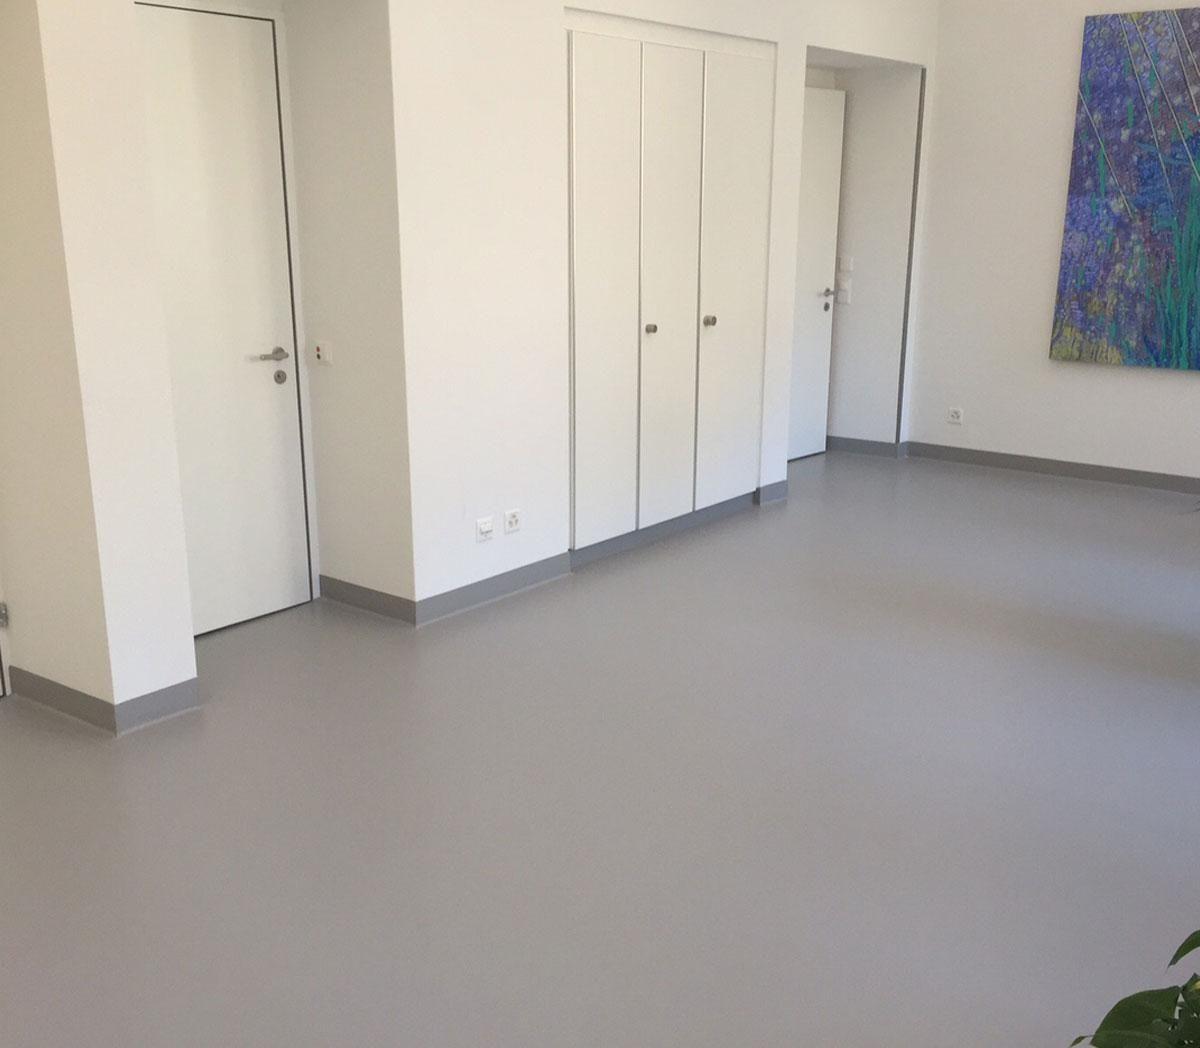 Parkett In Basel Reinach Bodenbelage Linoleum Pvc Kautschuk Teppiche Designbelage Bodenbelag Designbelag Reinach